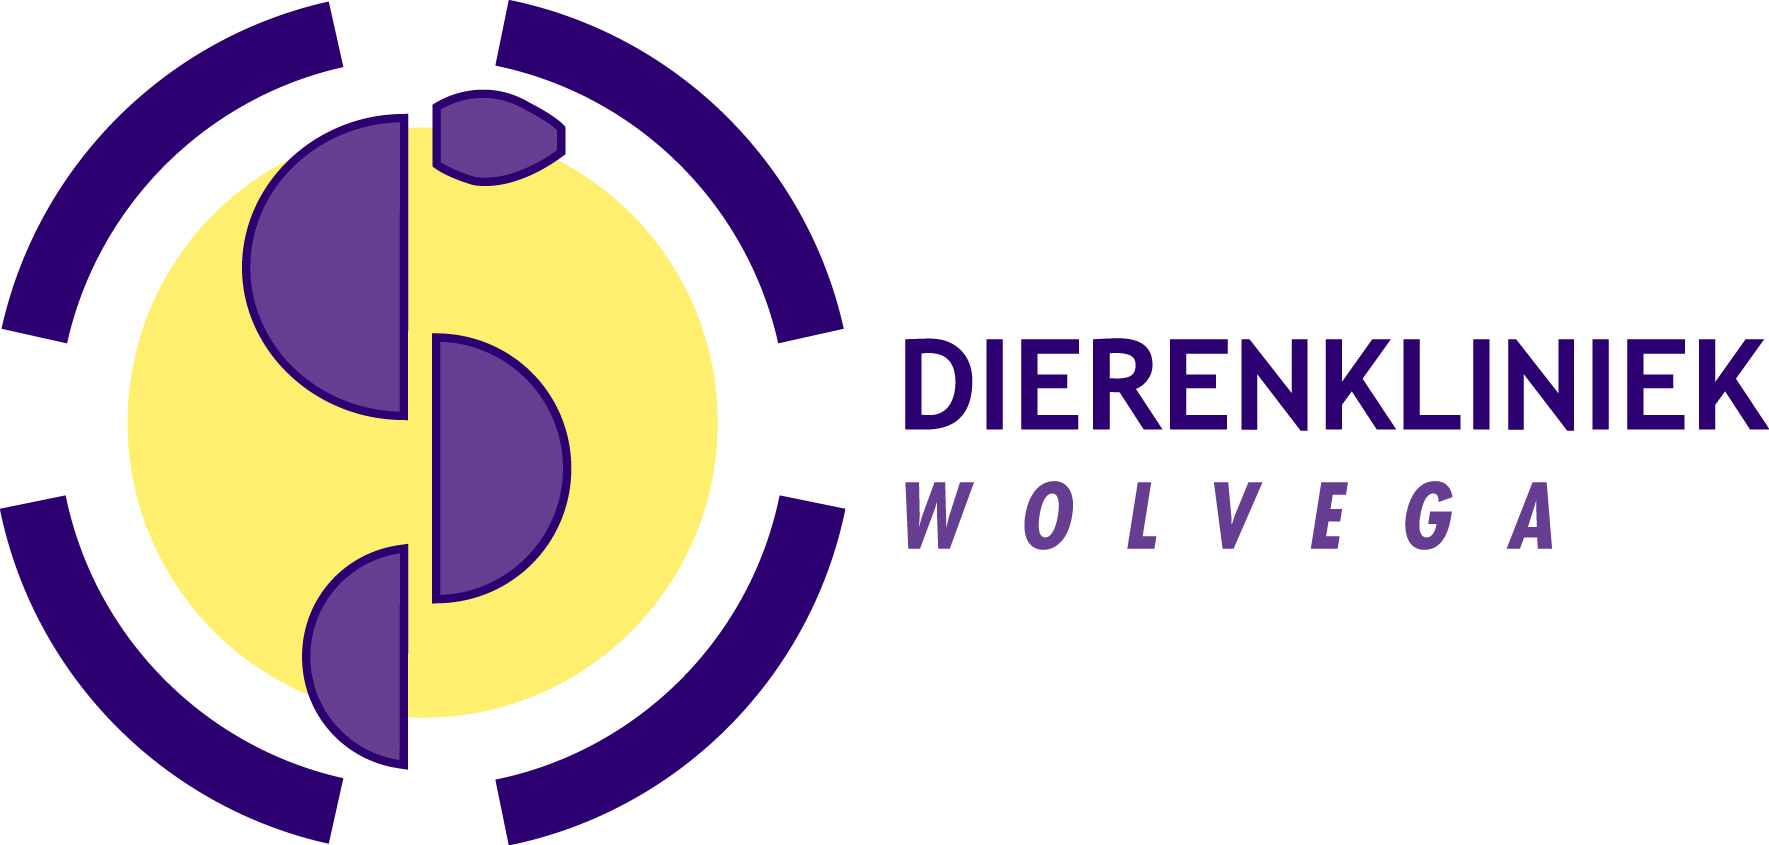 logo dierenkliniek wolvega